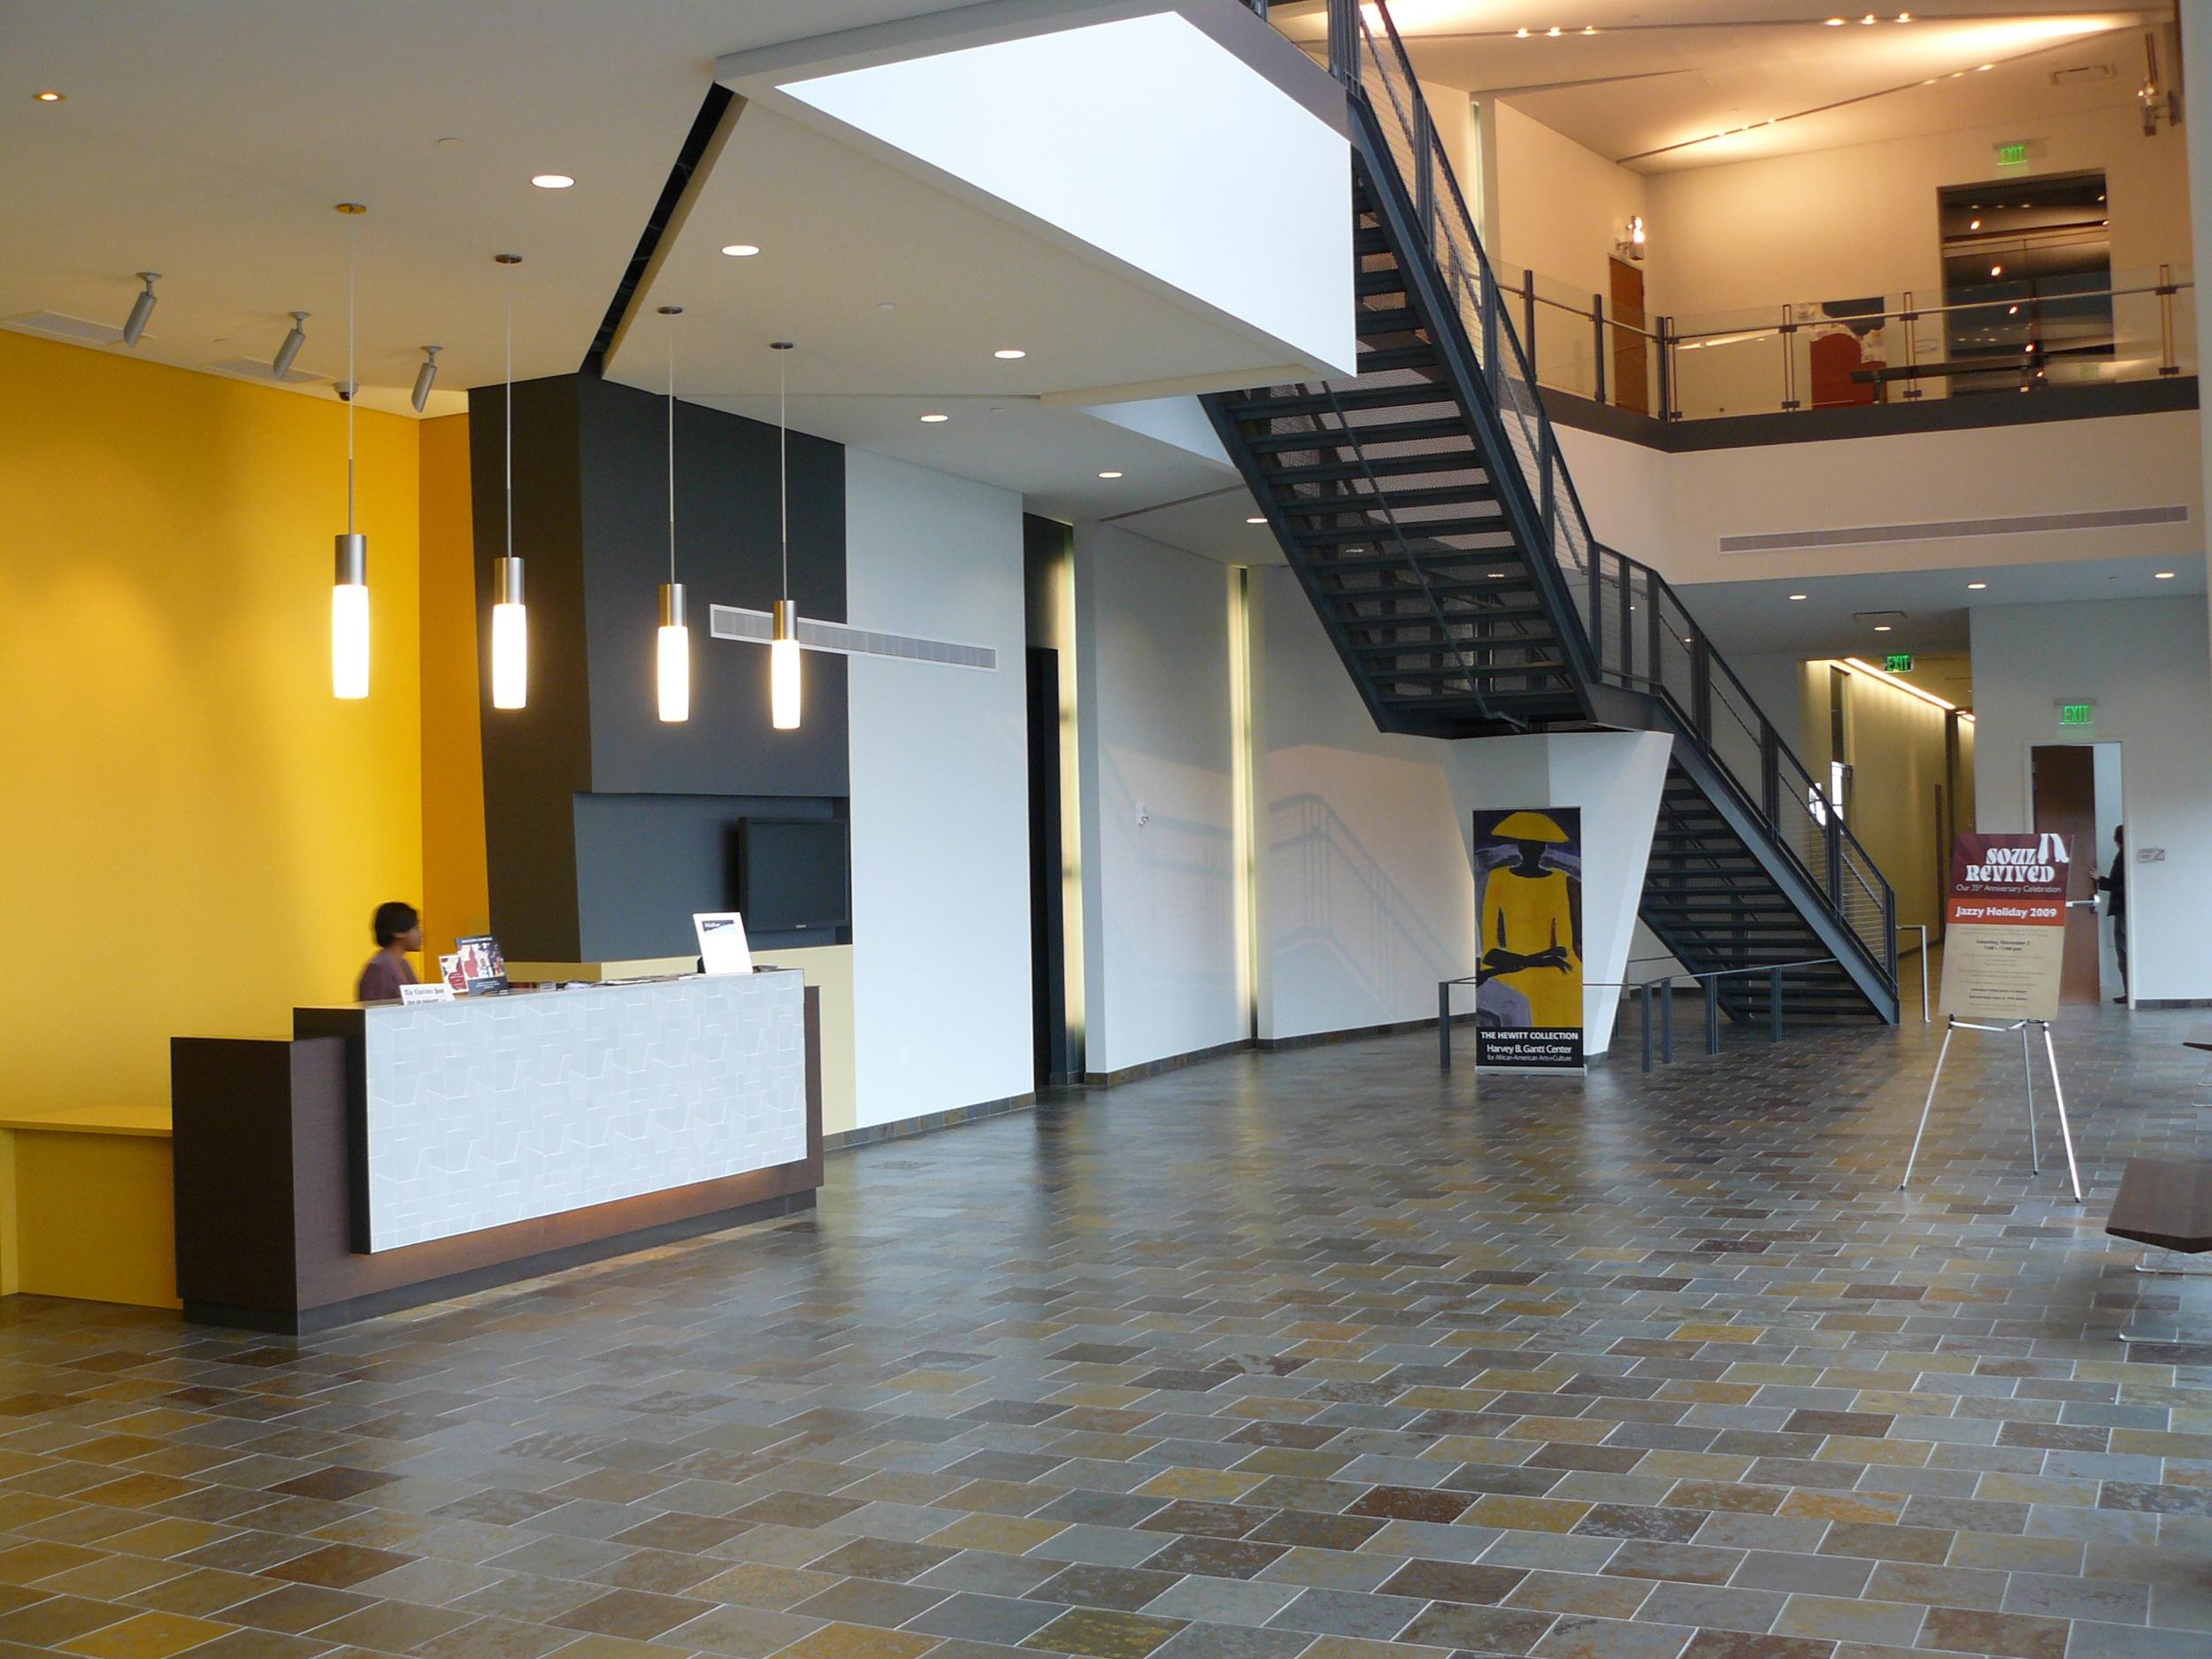 Aacc Interior Design